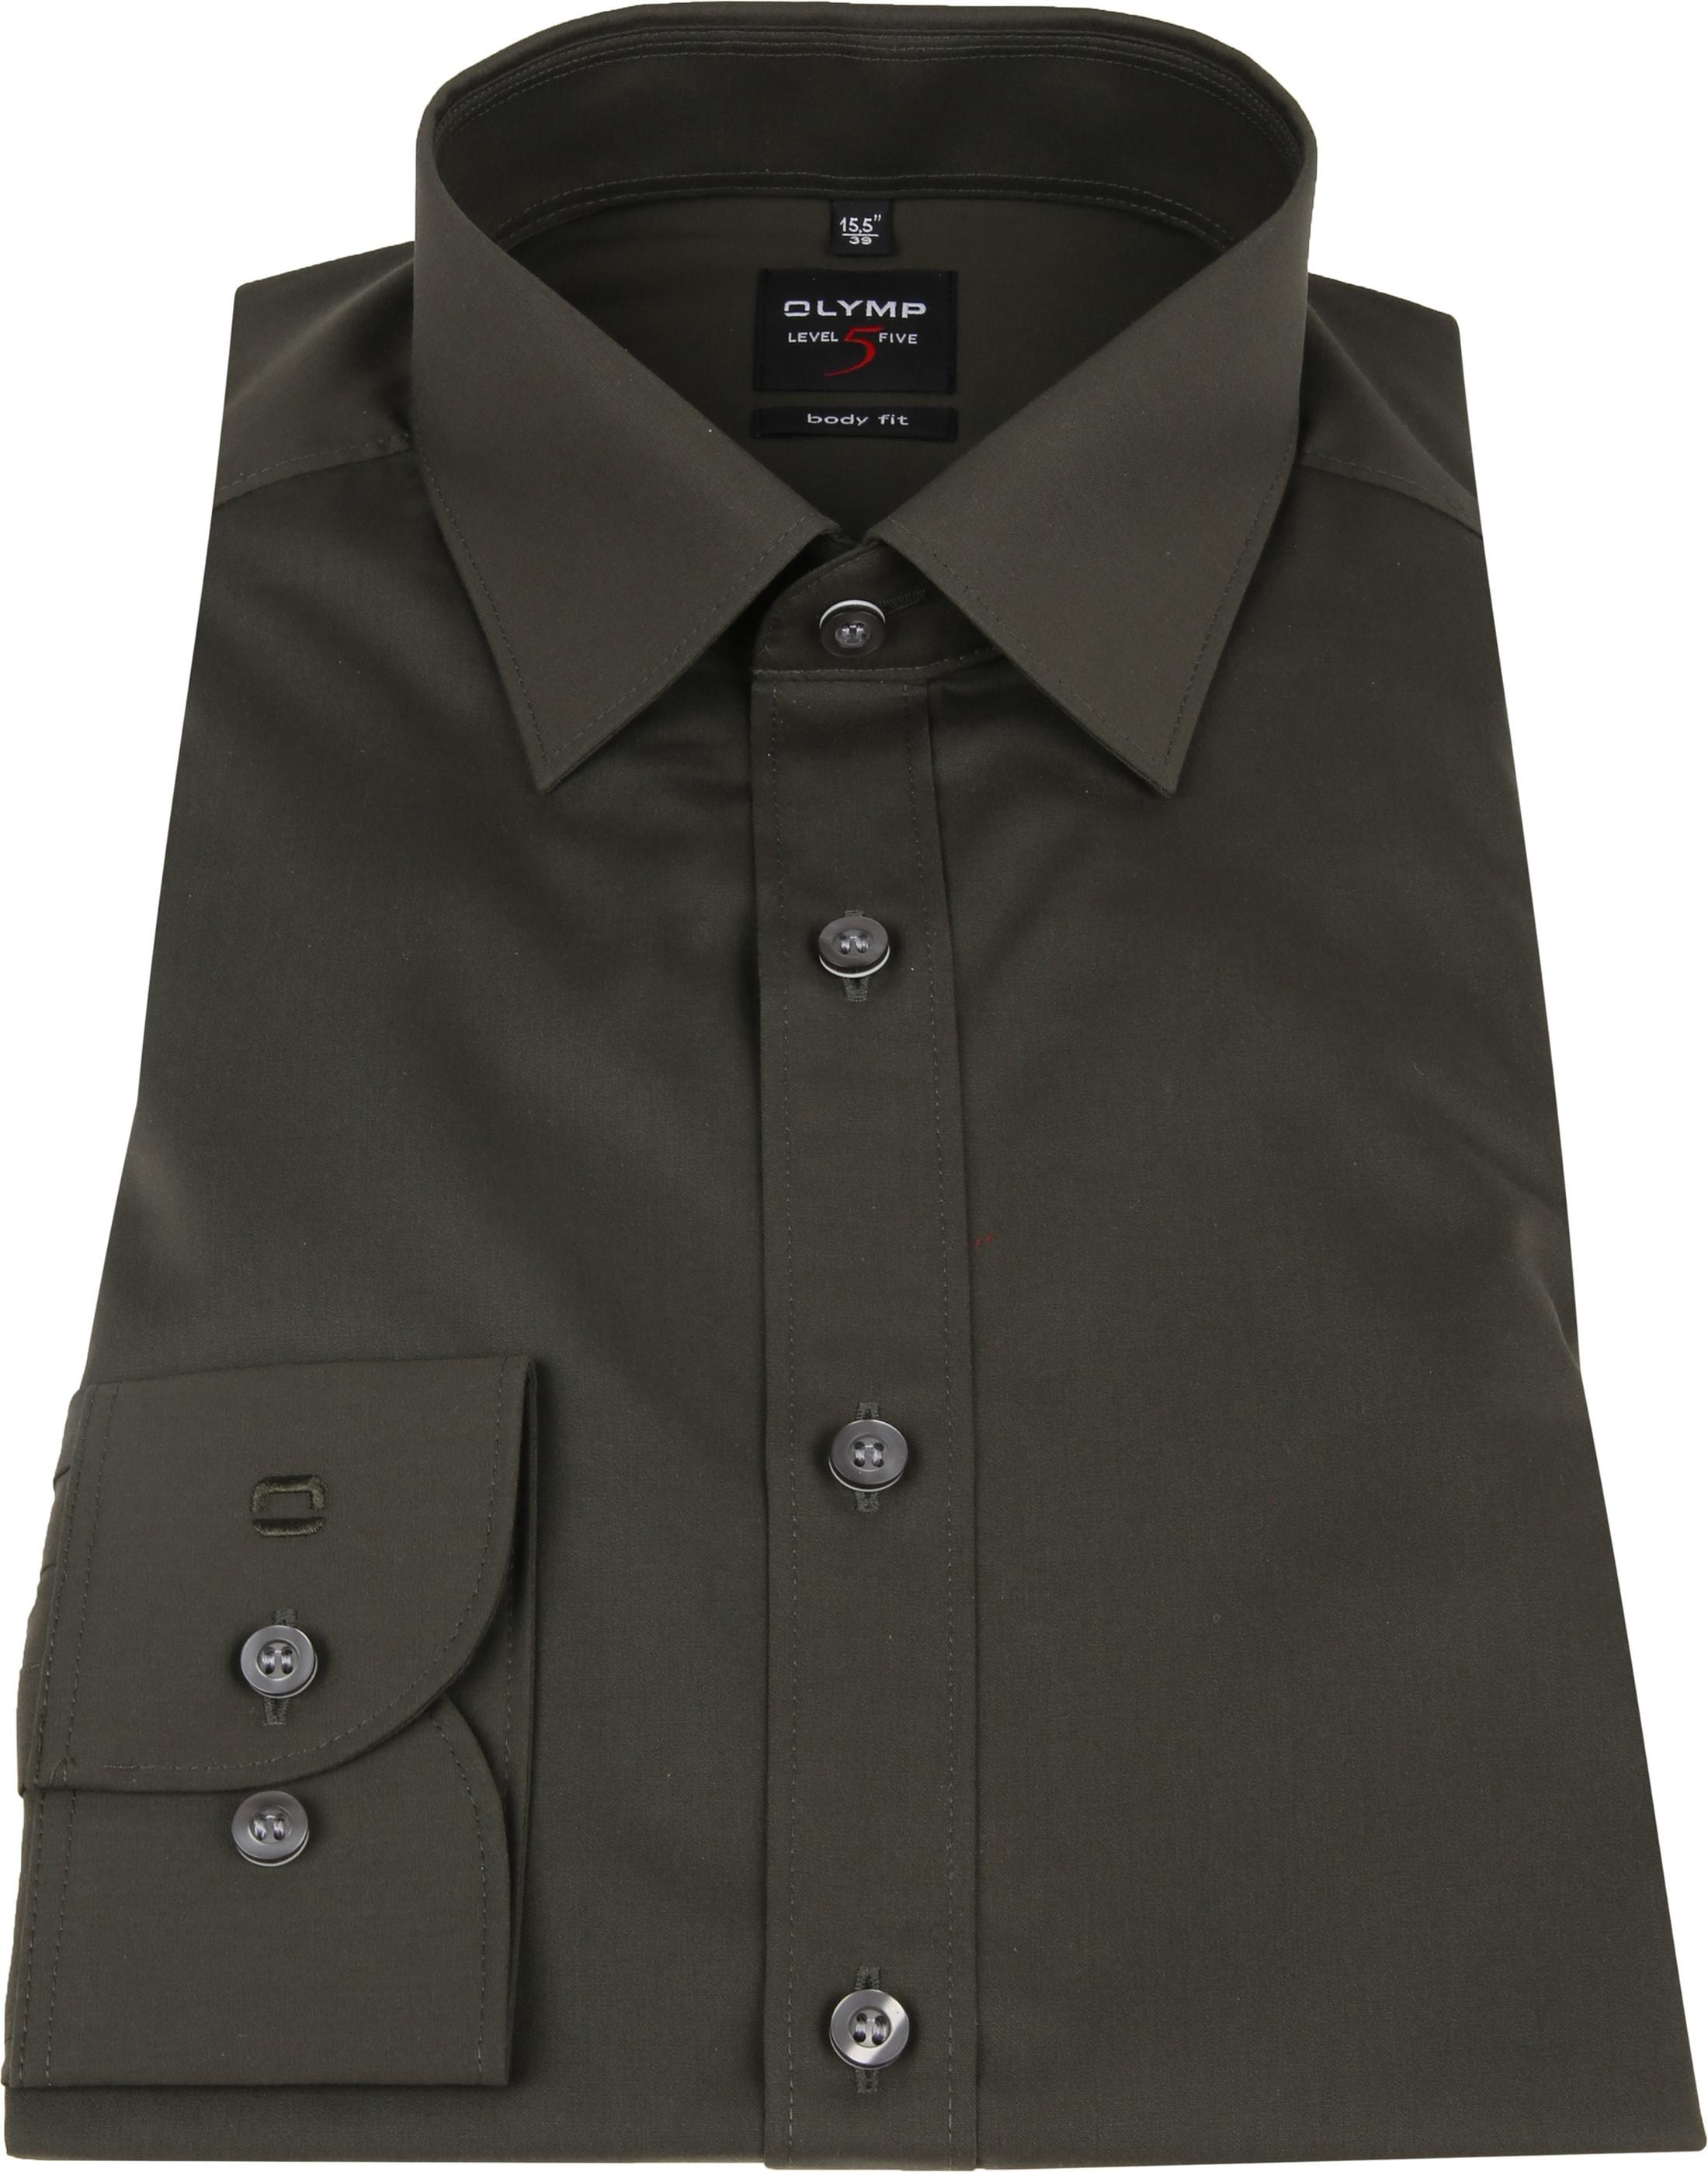 OLYMP Overhemd Donkergroen Body Fit foto 2